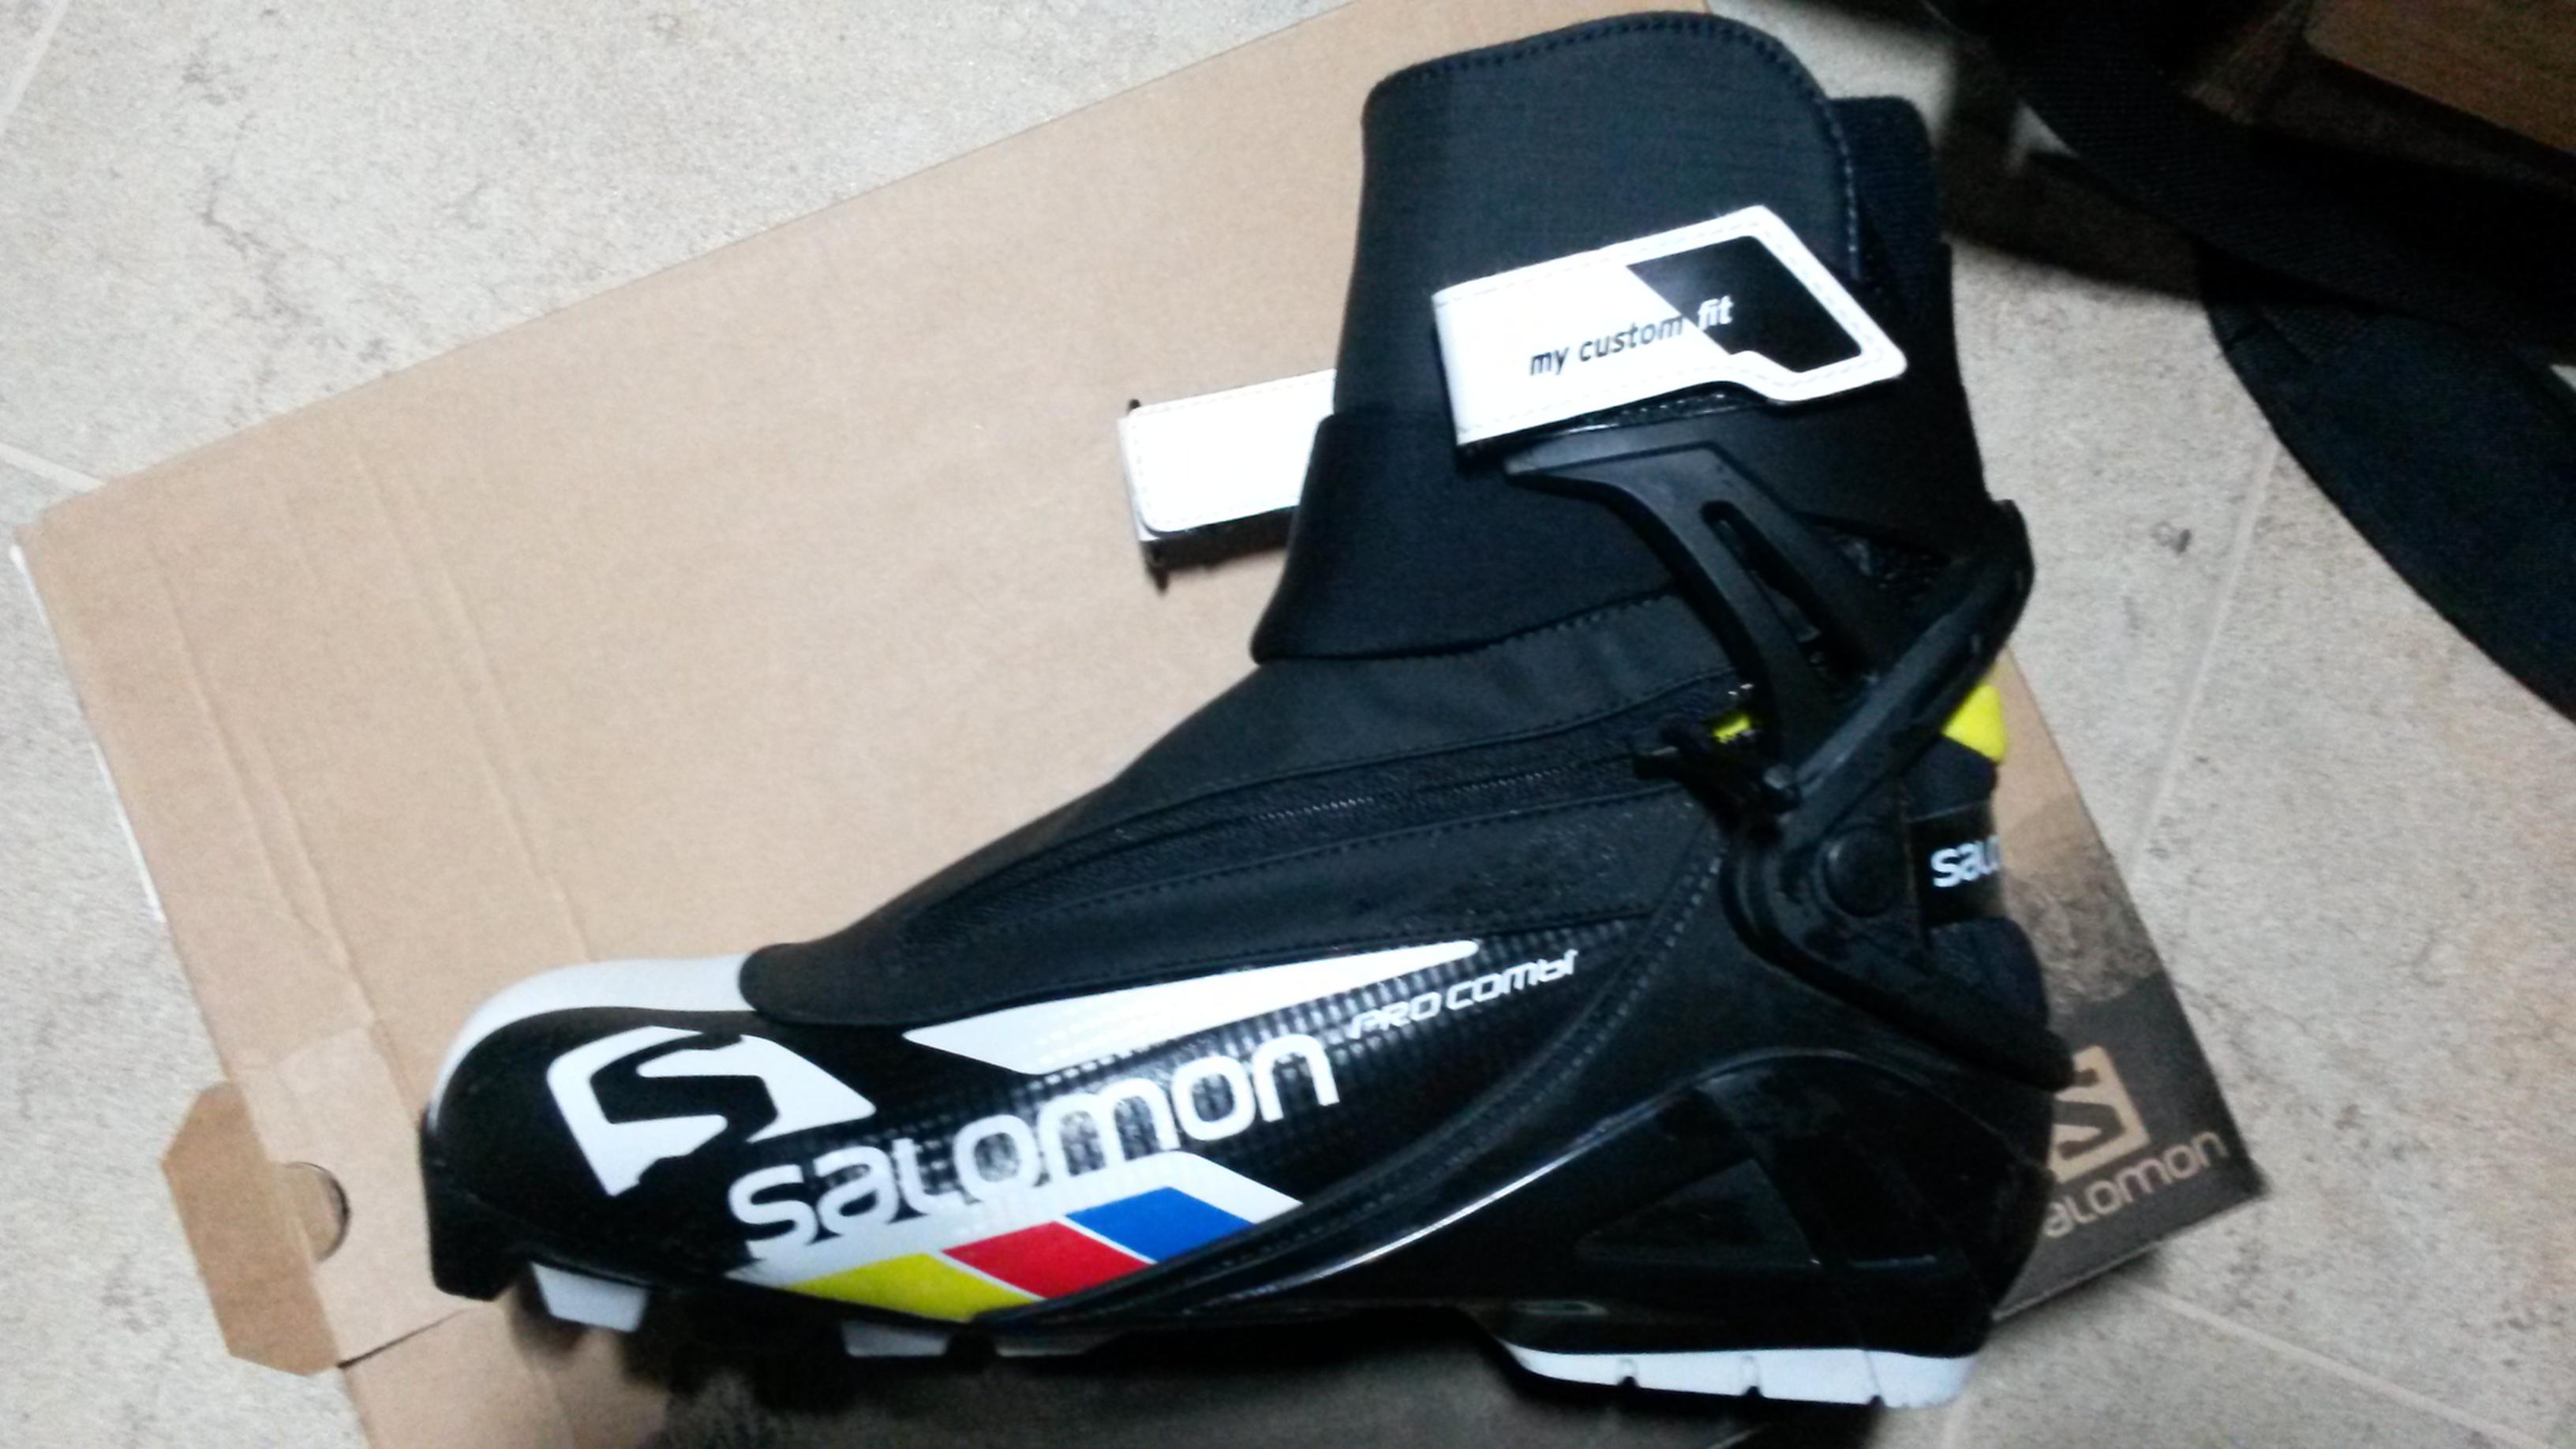 Prodám Boty běžecká obuv - Salomon pro kombi pilot vel. 8.5UK ... 2c2e06f3ec